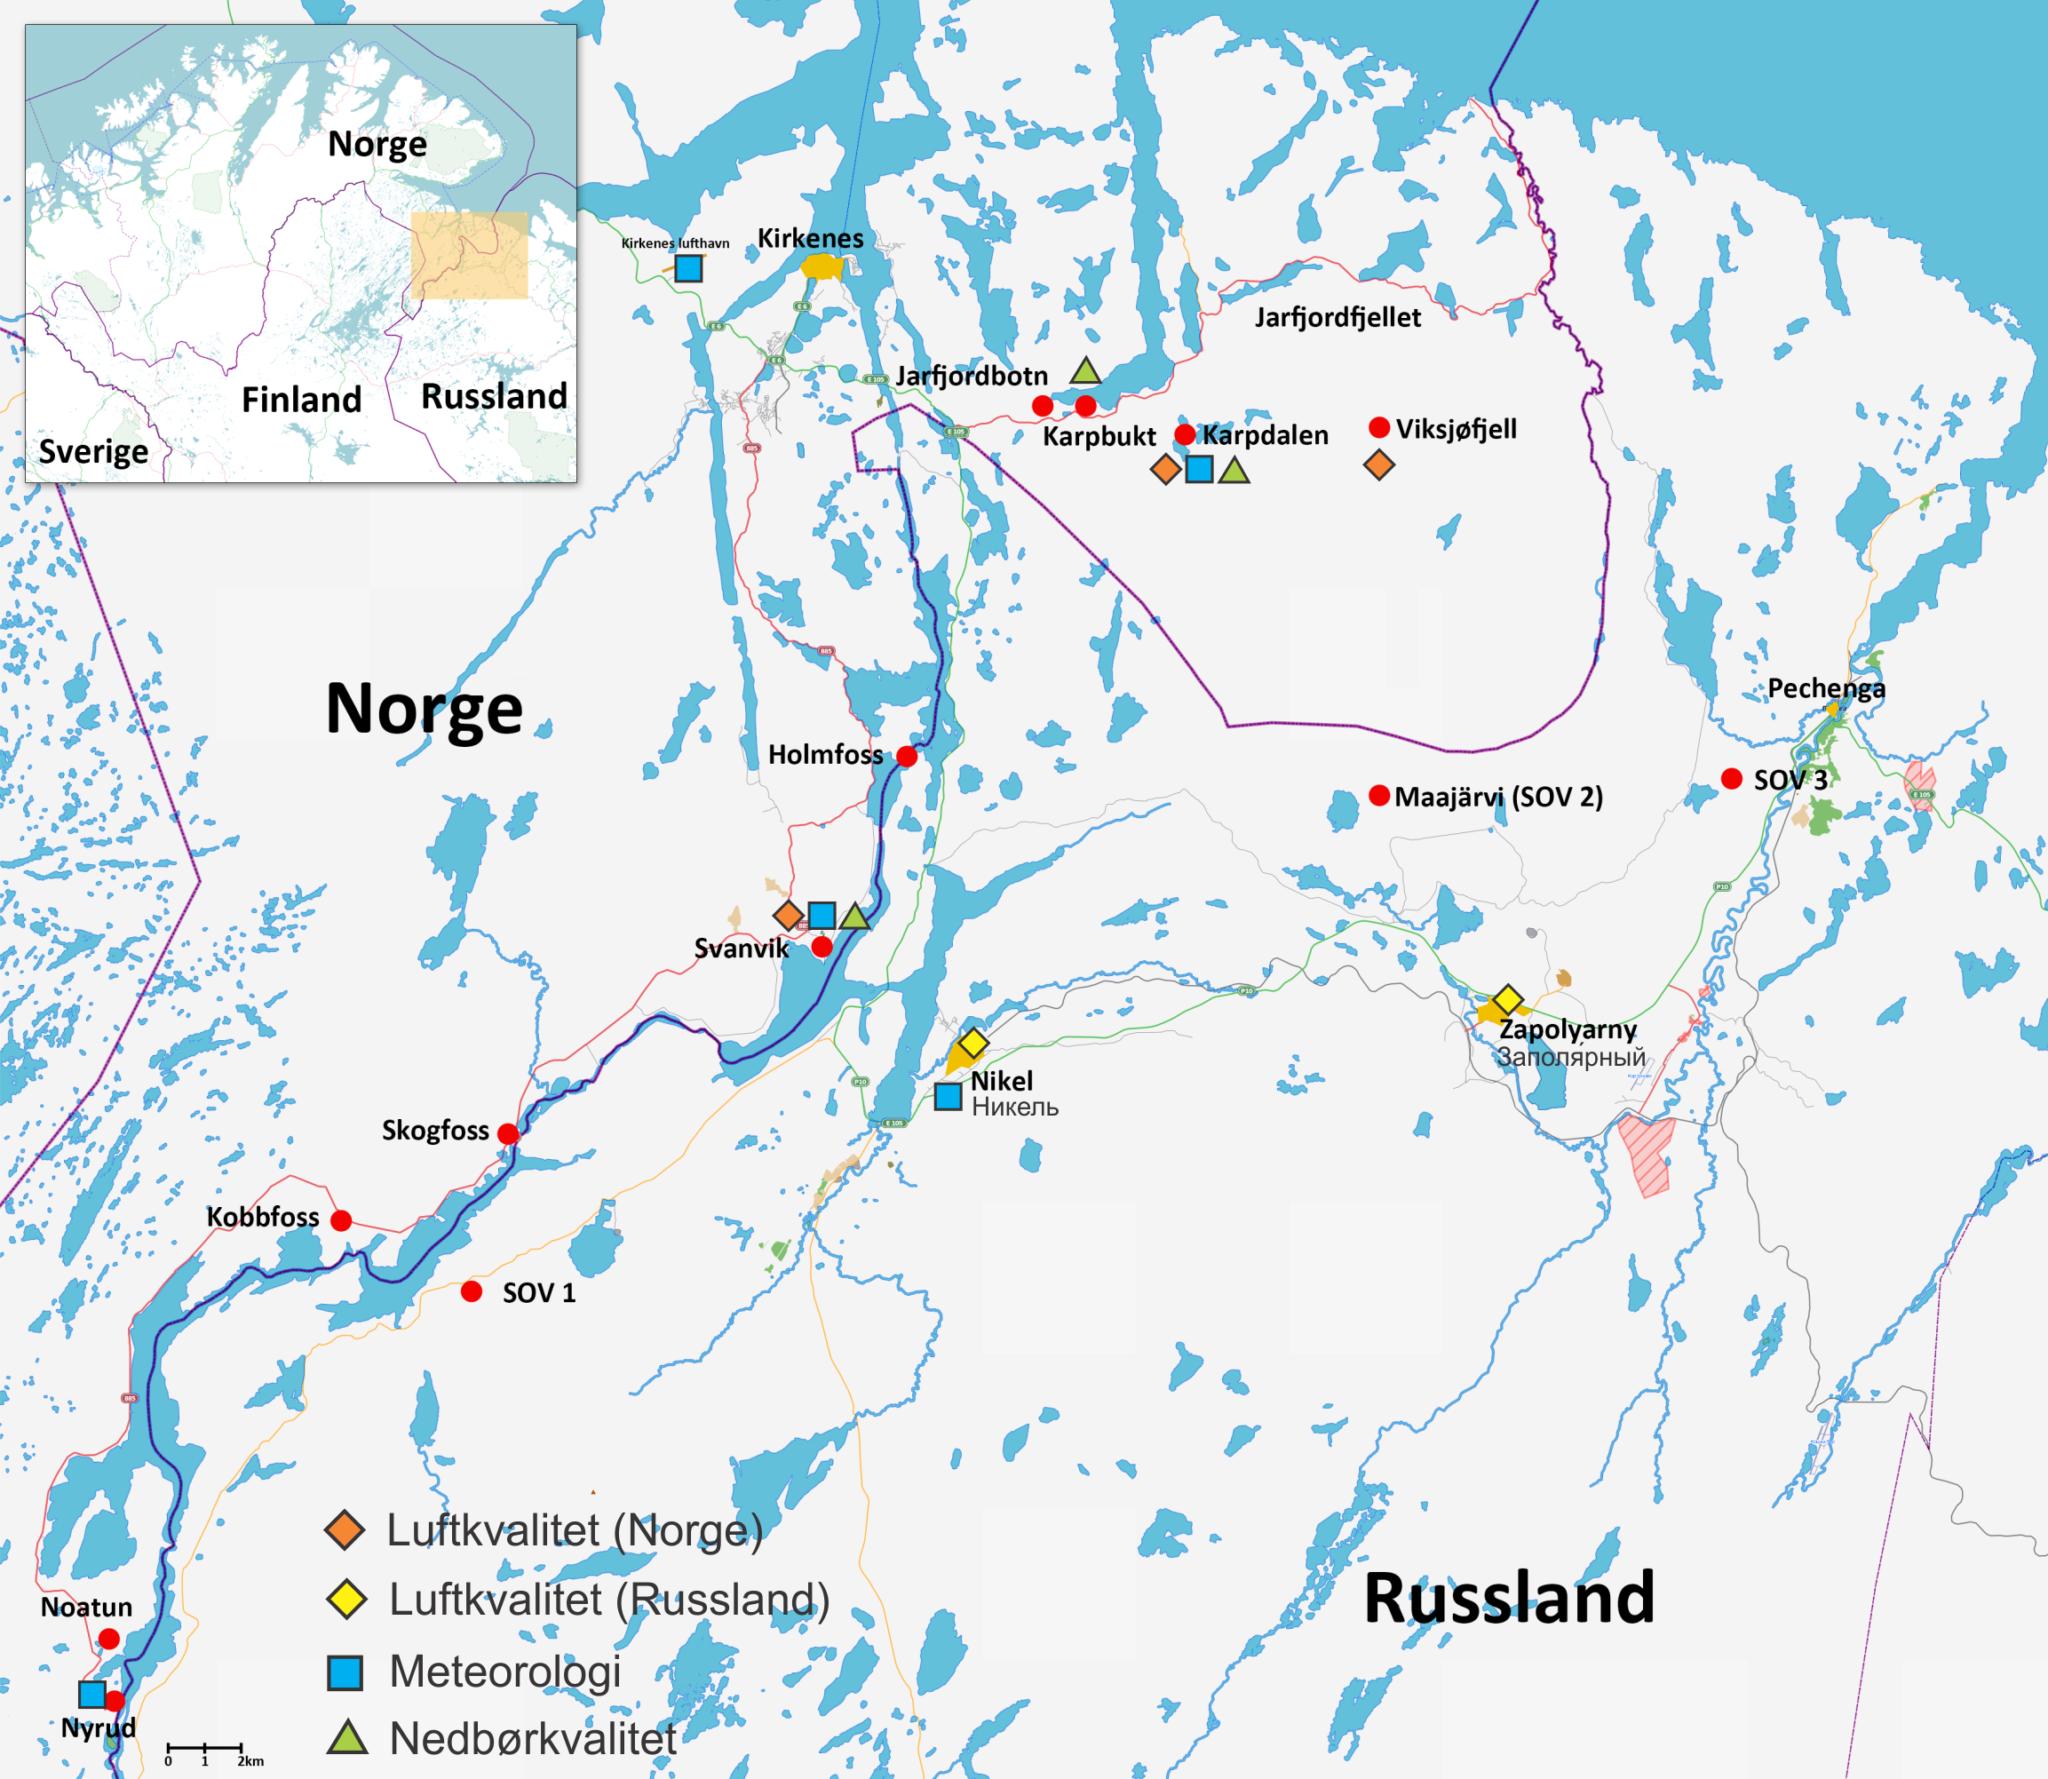 Figur. Viser norske målestasjoner i grenseområdene mot Russland